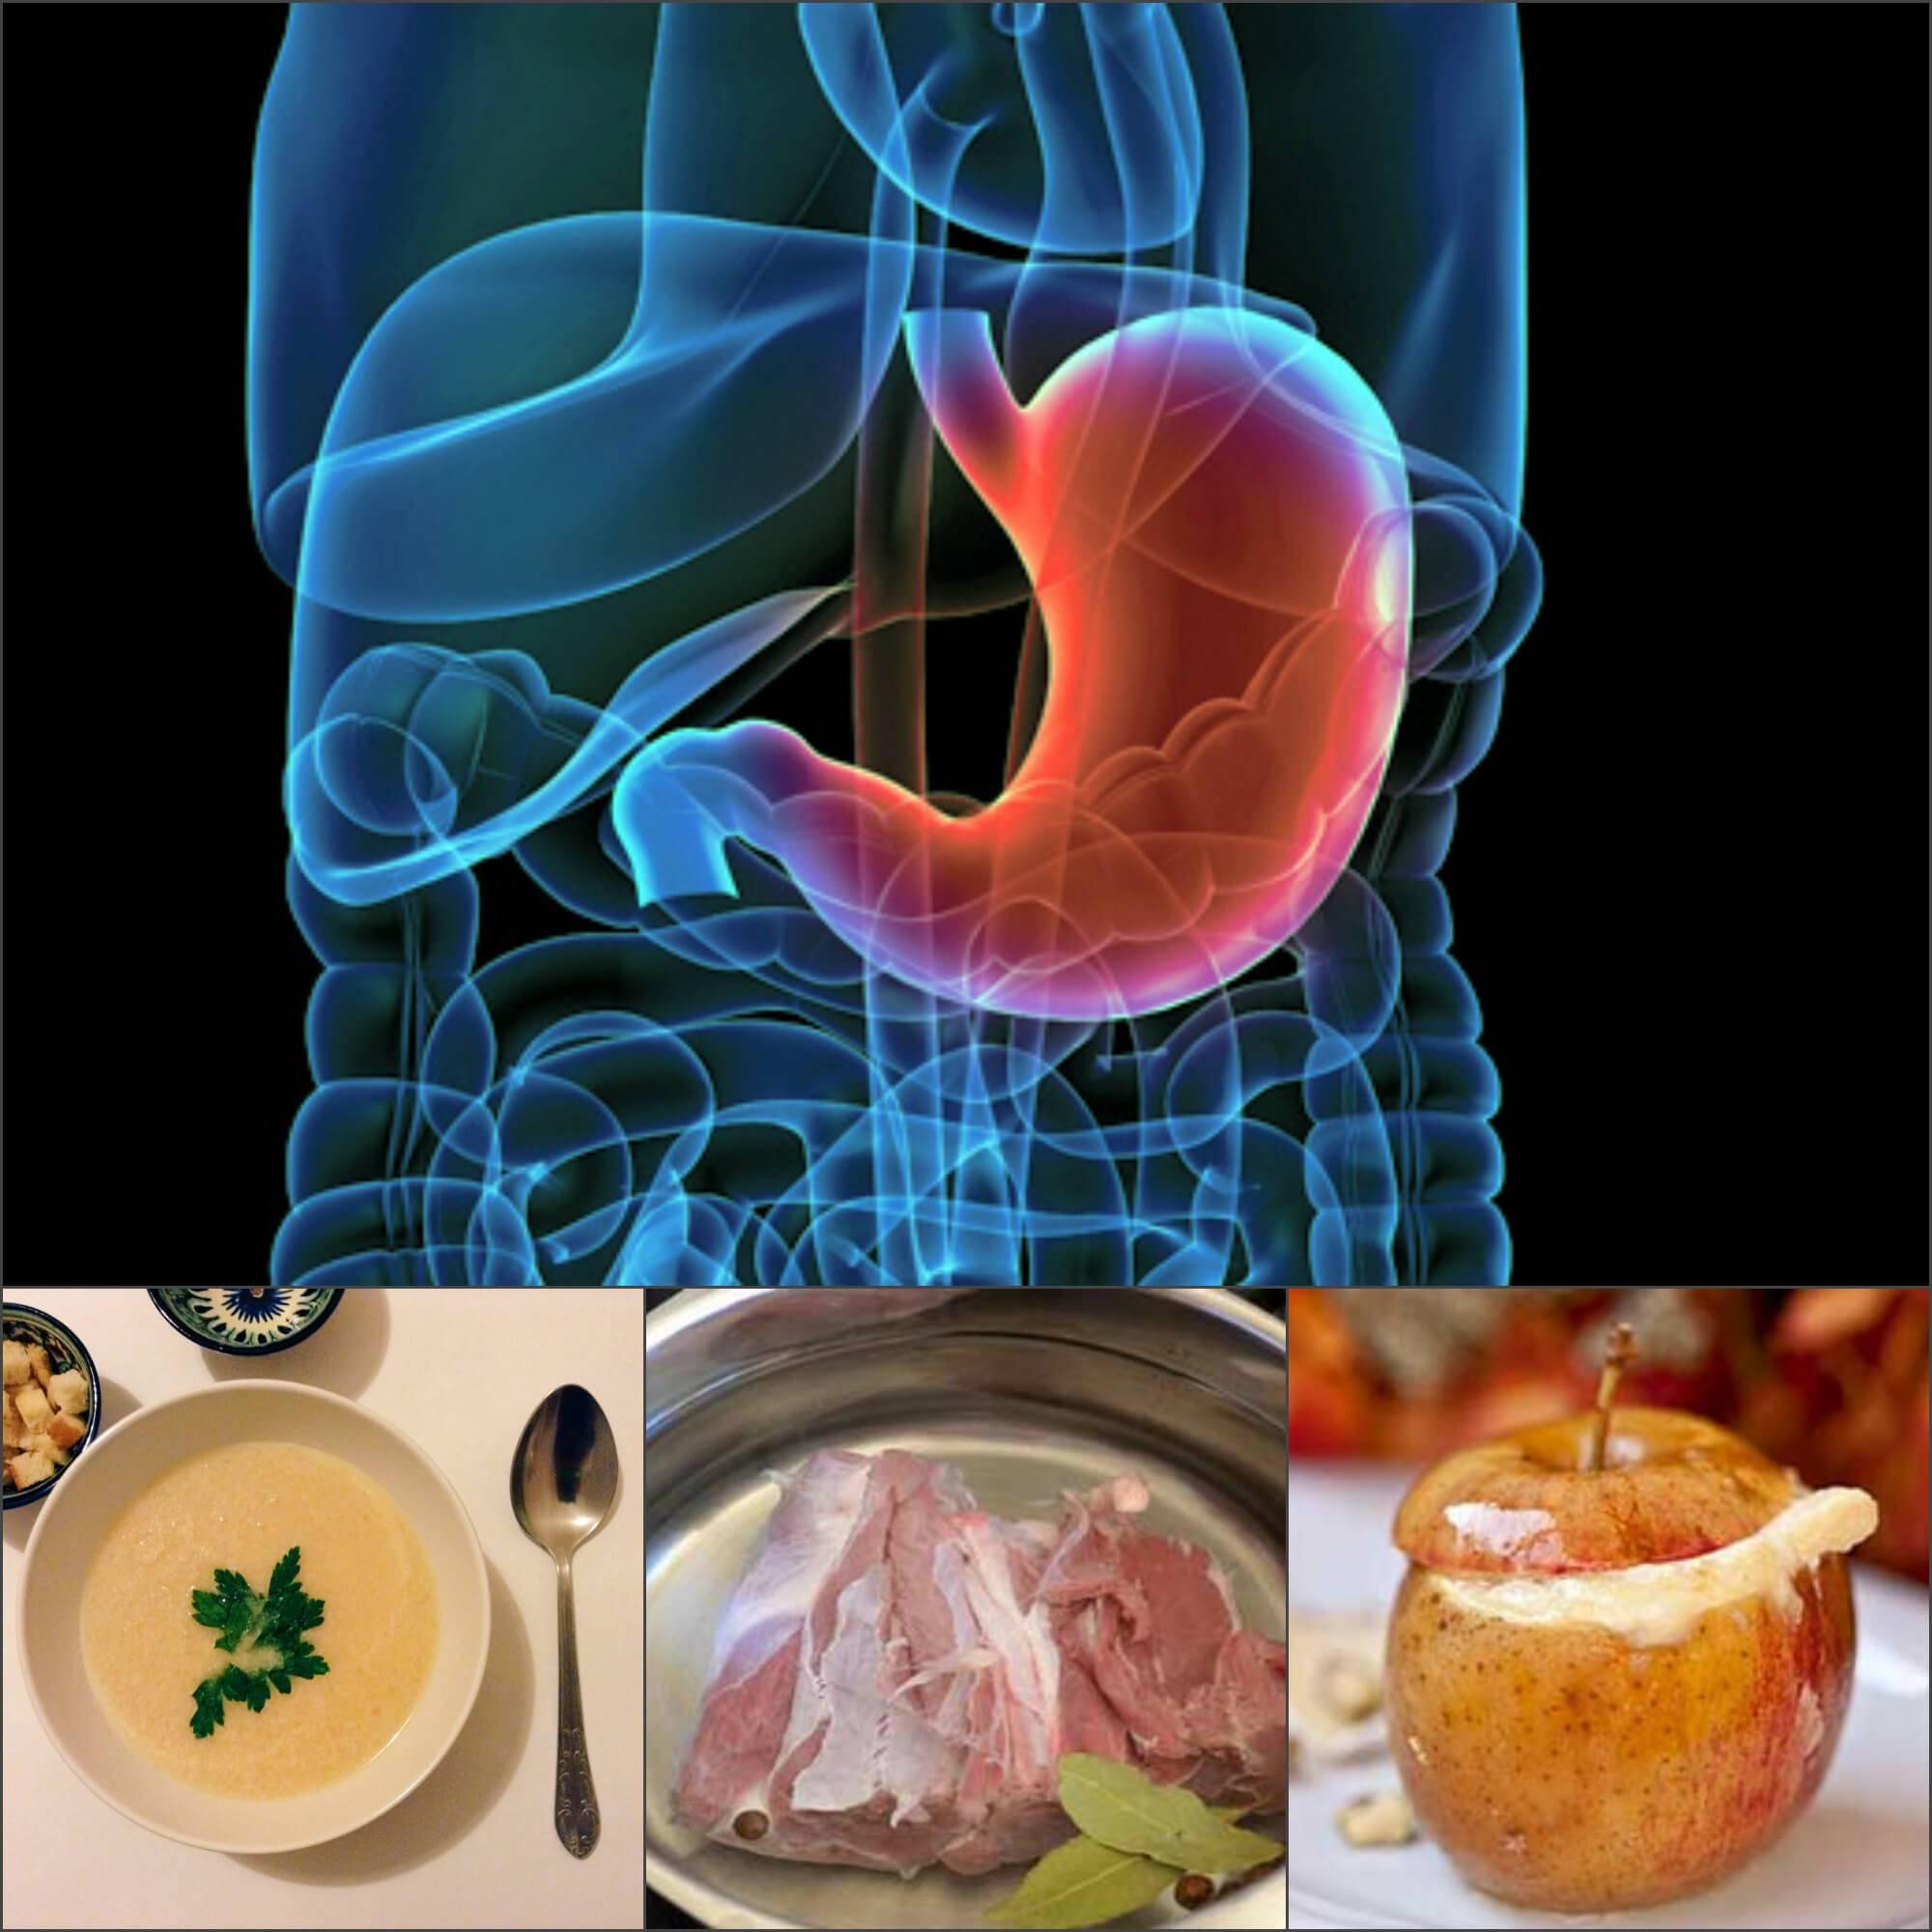 Кофе при язве желудка: воздействие на орган, рекомендации по употреблению